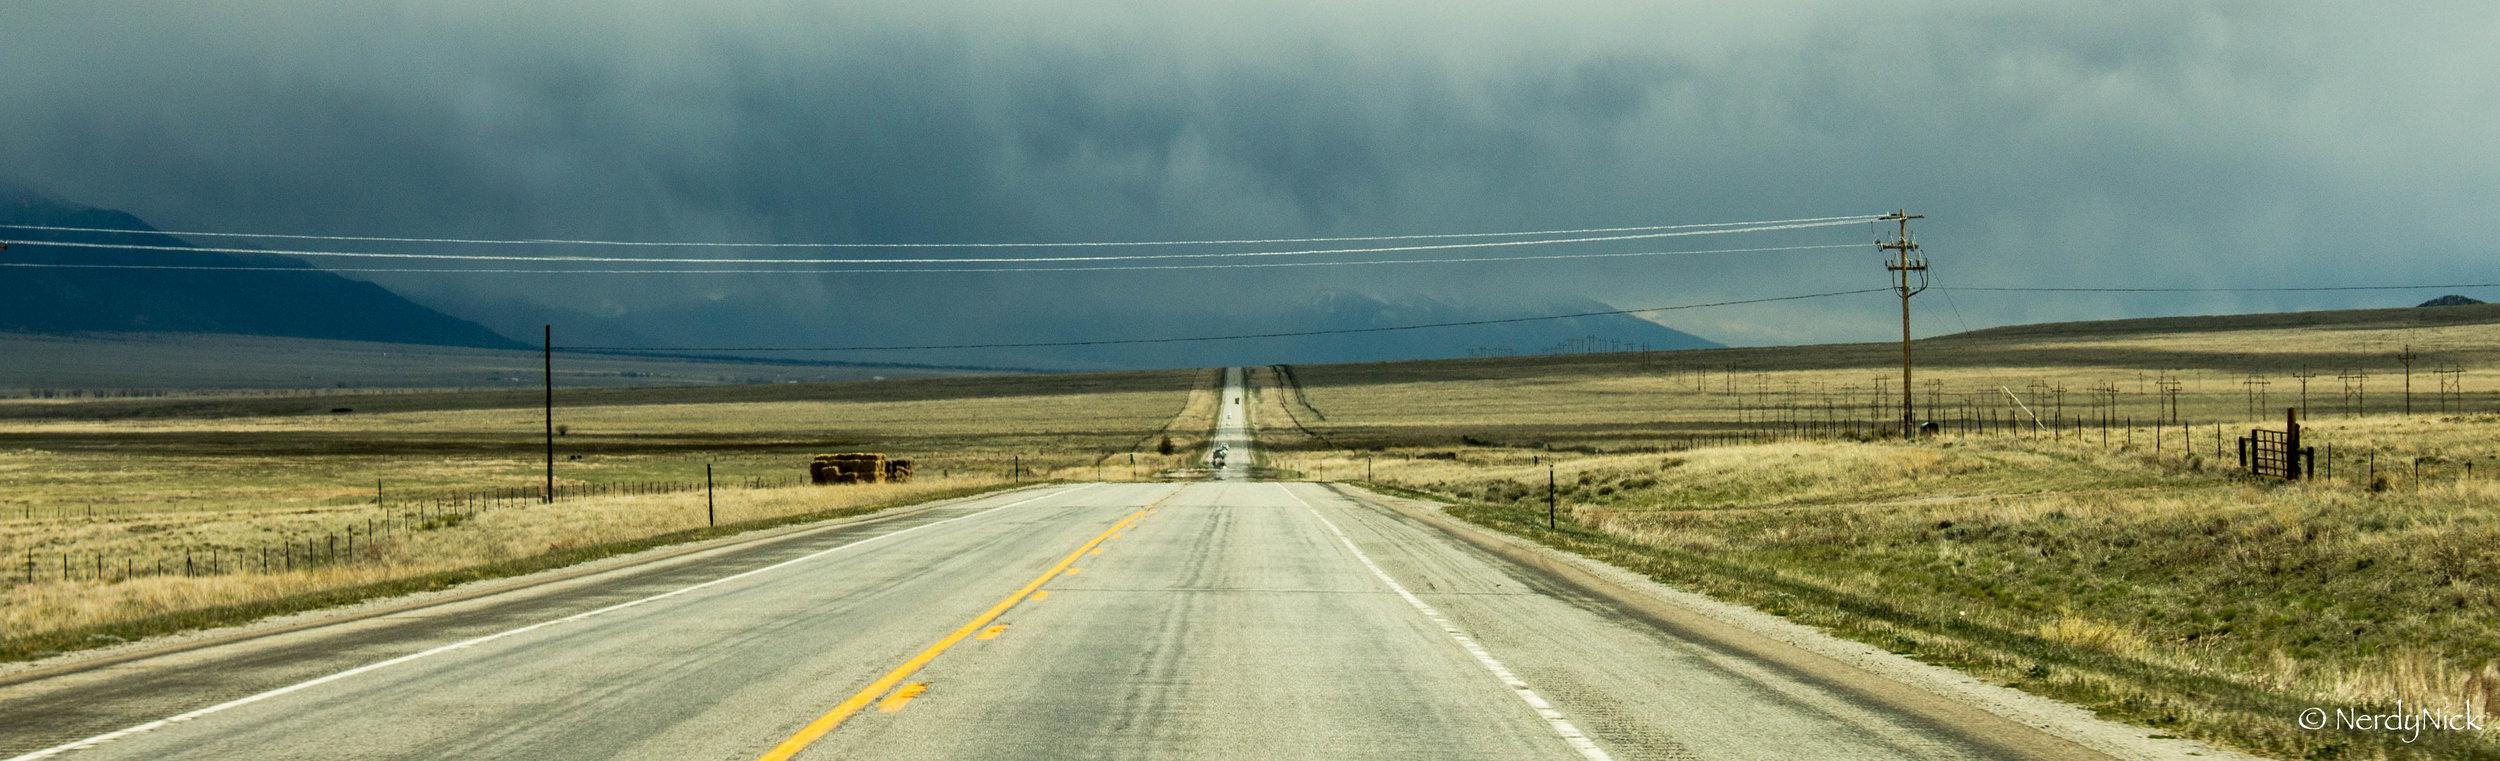 Arriving in the San Luis Valley Colorado